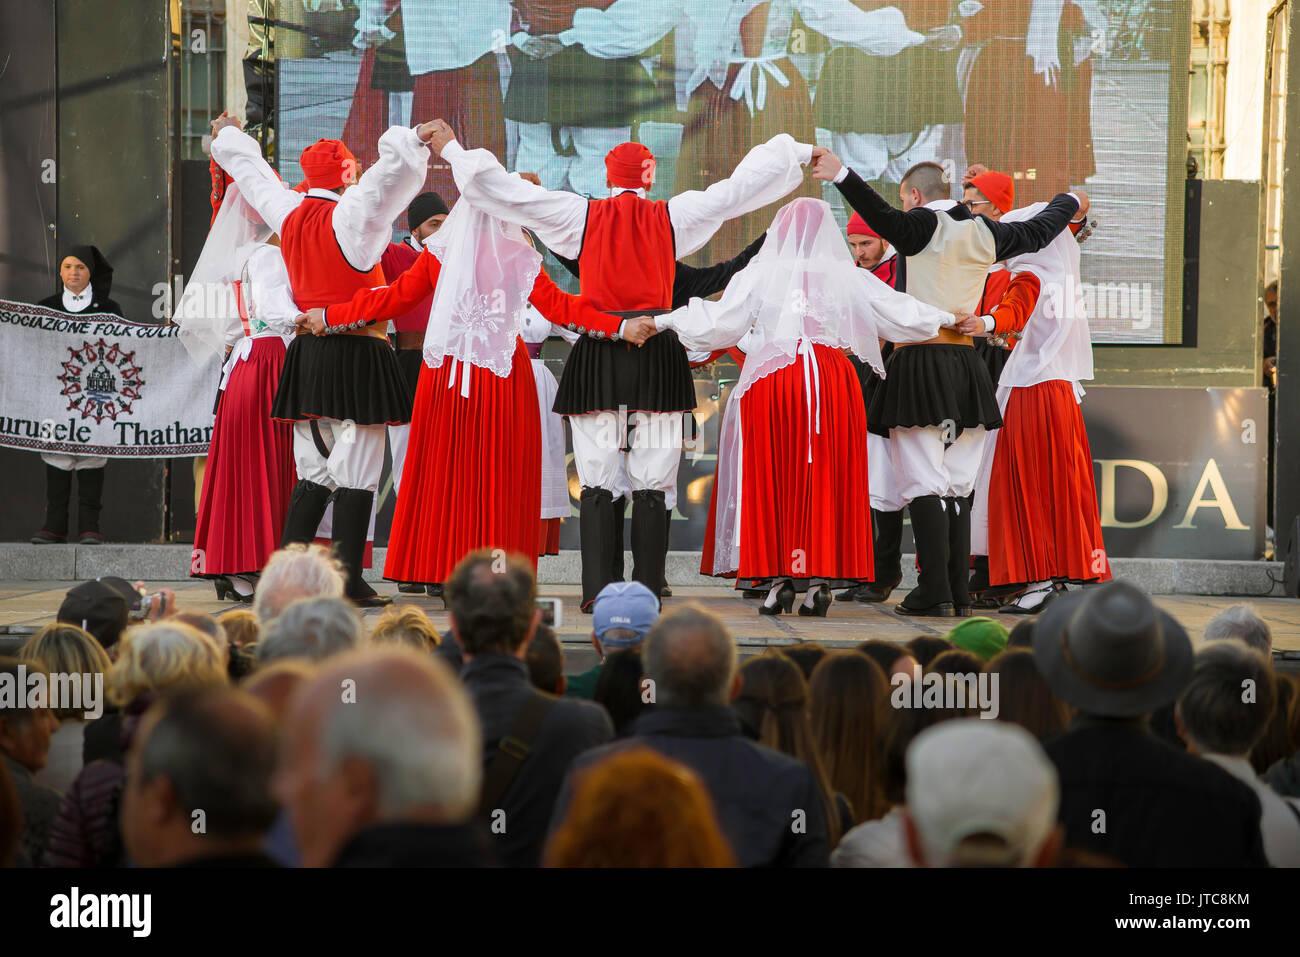 Sardinien Folk Festival, eine Volkstanzgruppe im La Cavalcata Festival in Sassari, Sardinien teilnehmen. Stockbild